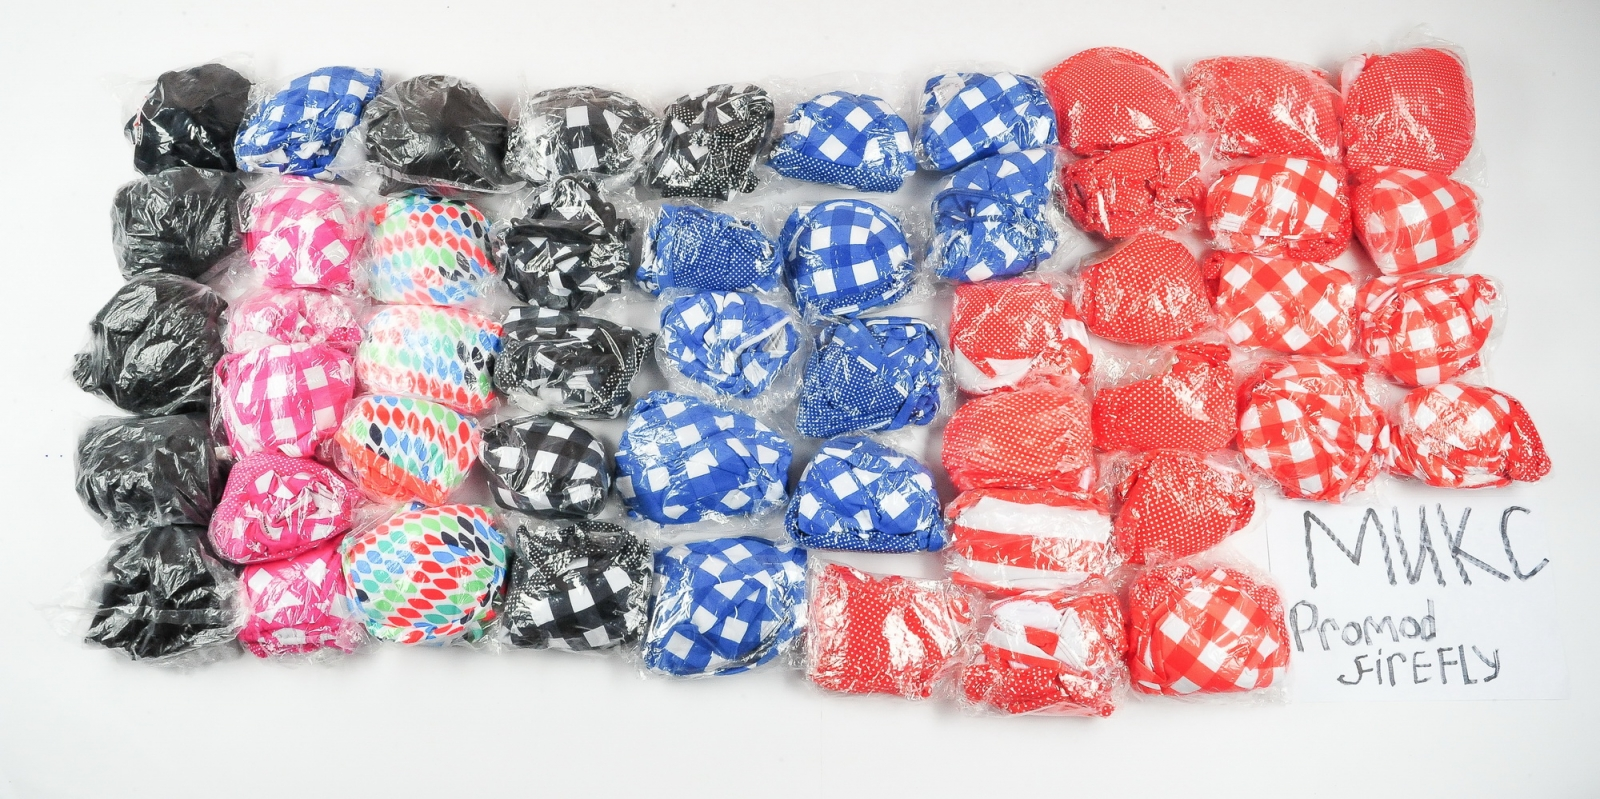 Купальники лотом по цене 100 р за комплект